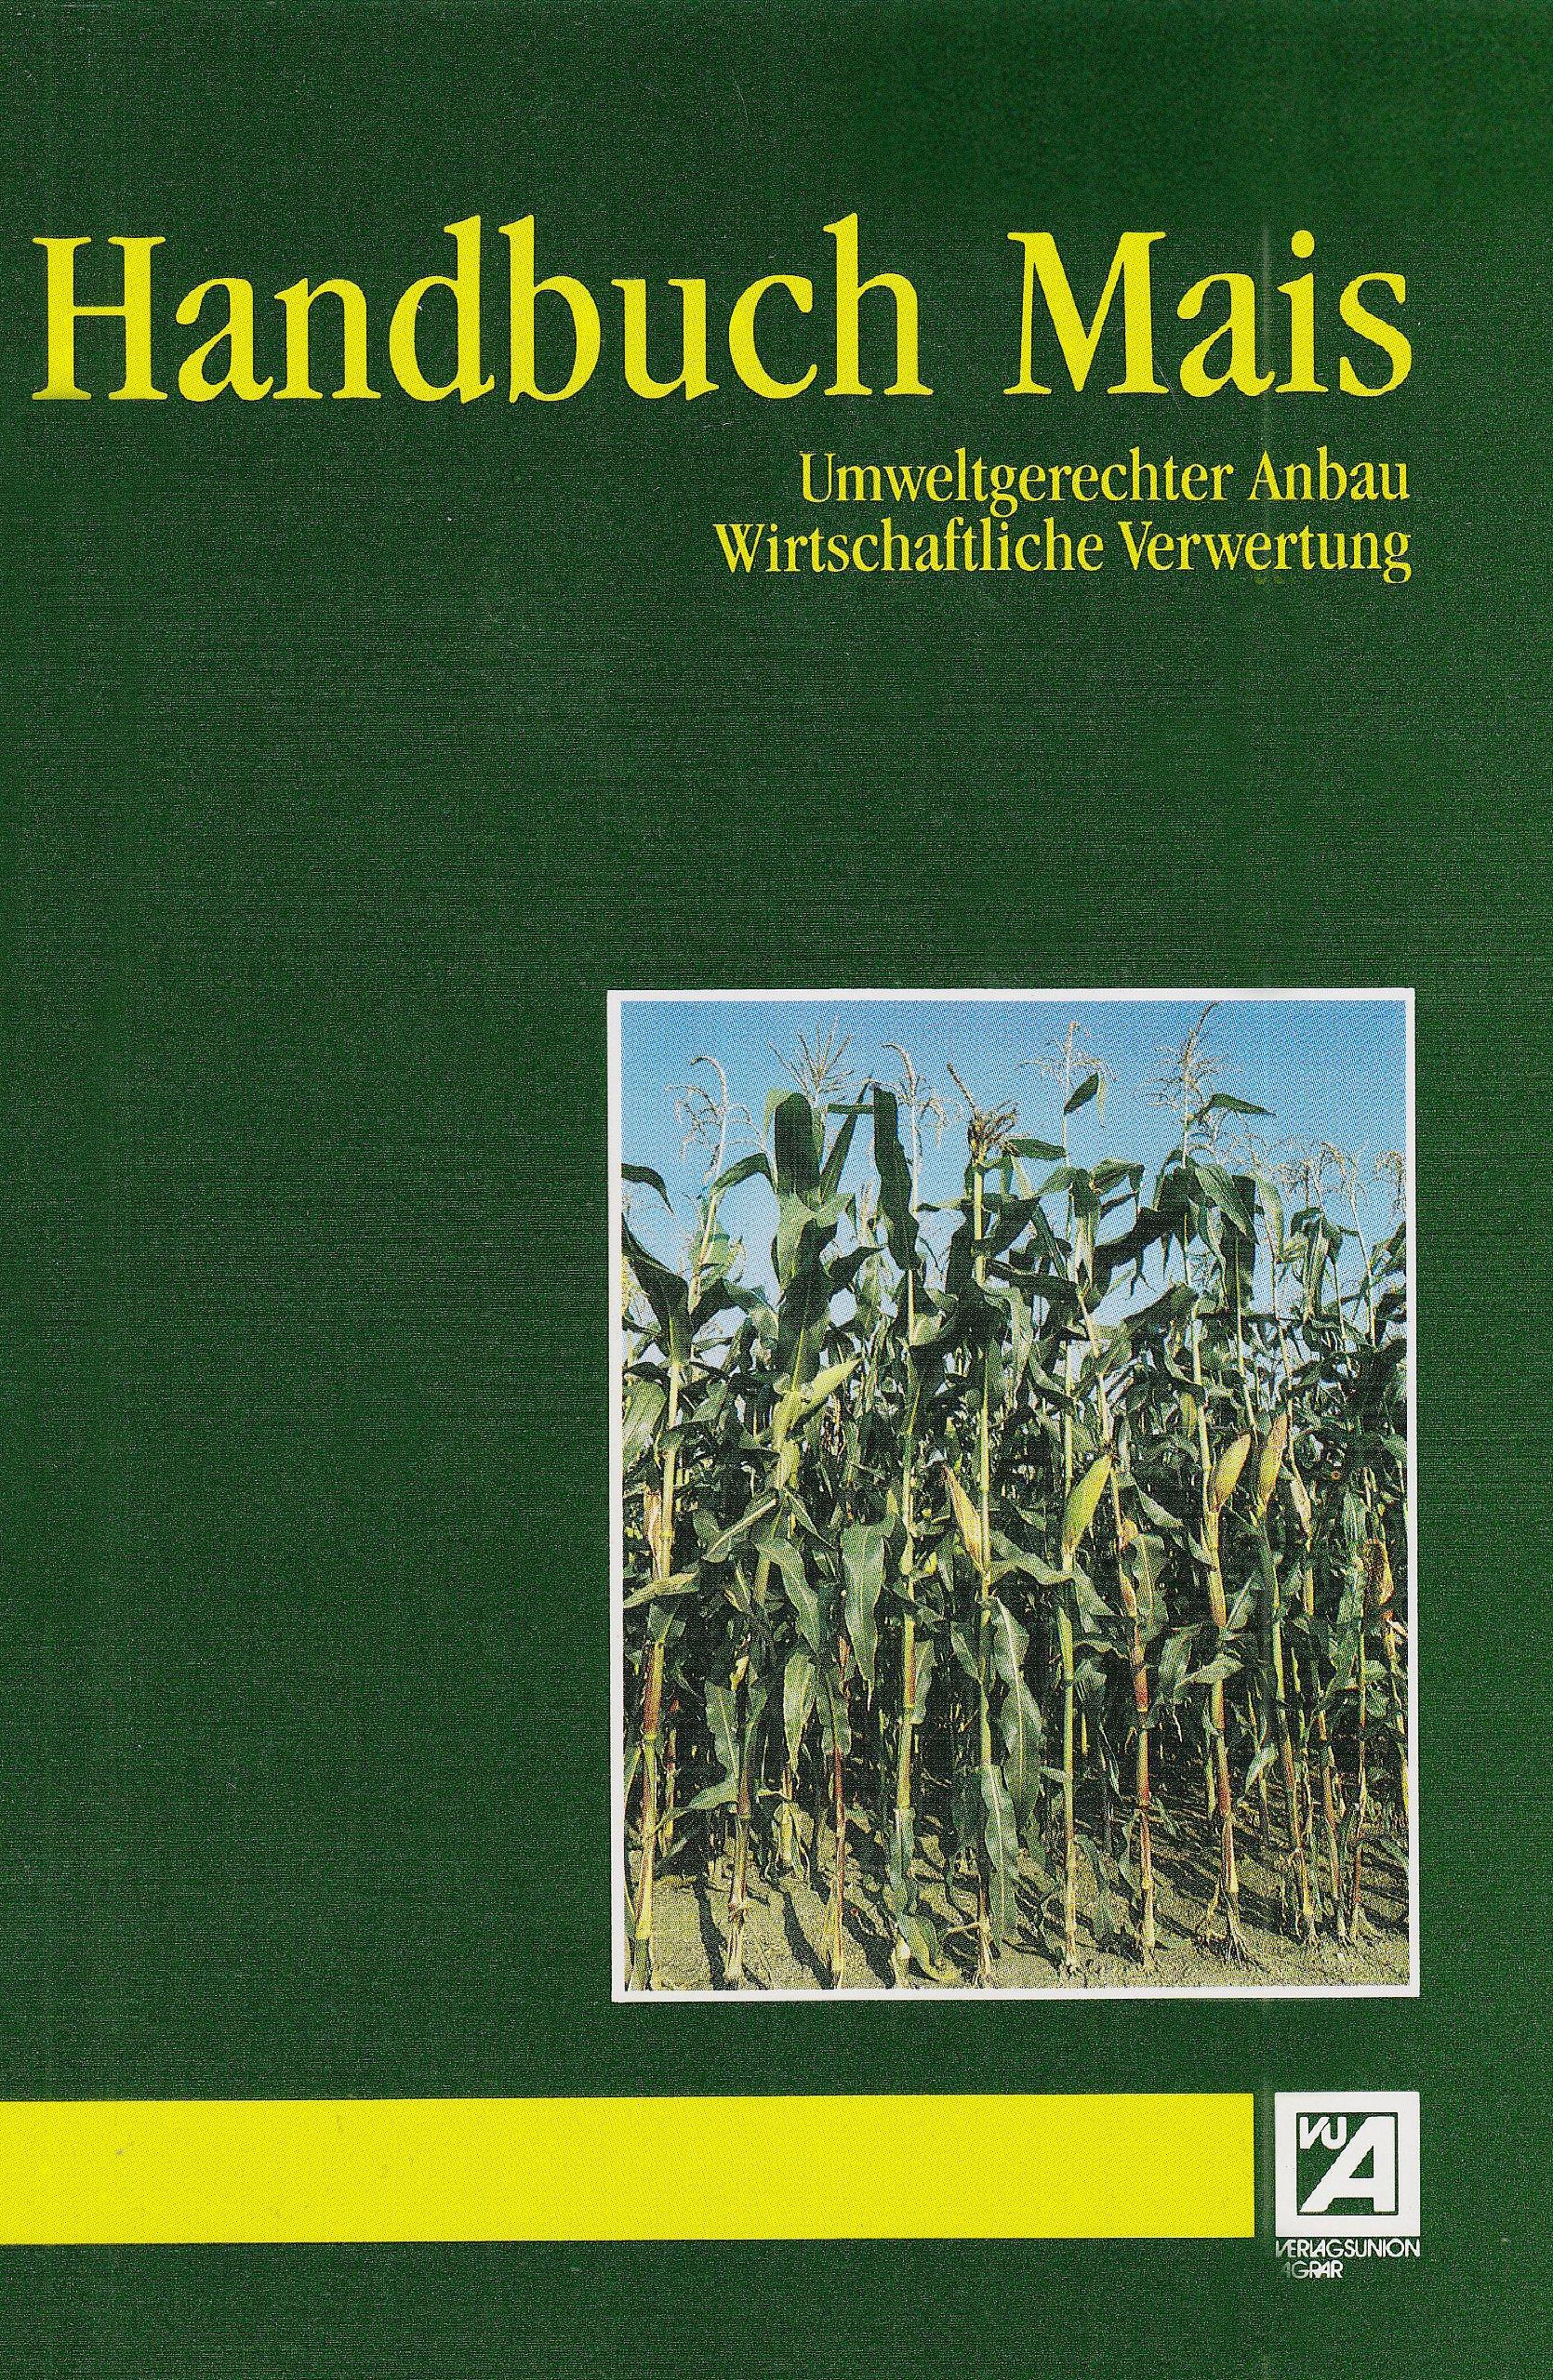 Handbuch Mais: Umweltgerechter Anbau. Wirtschaftliche Verwertung